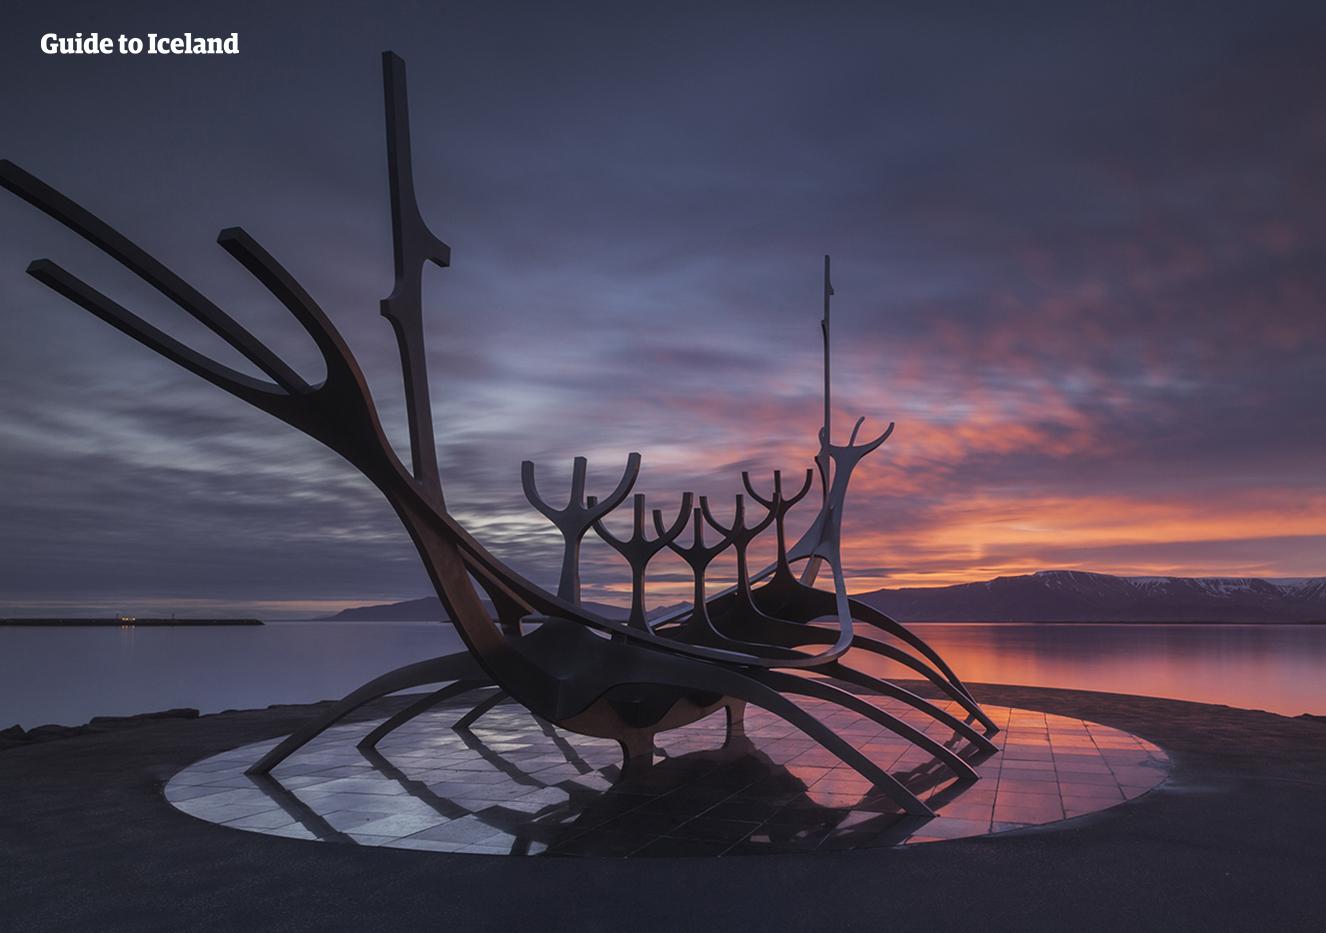 Zobacz jak słońce kryje się za górą Esja z perspektywy słynnej rzeźby w centrum Reykjaviku.